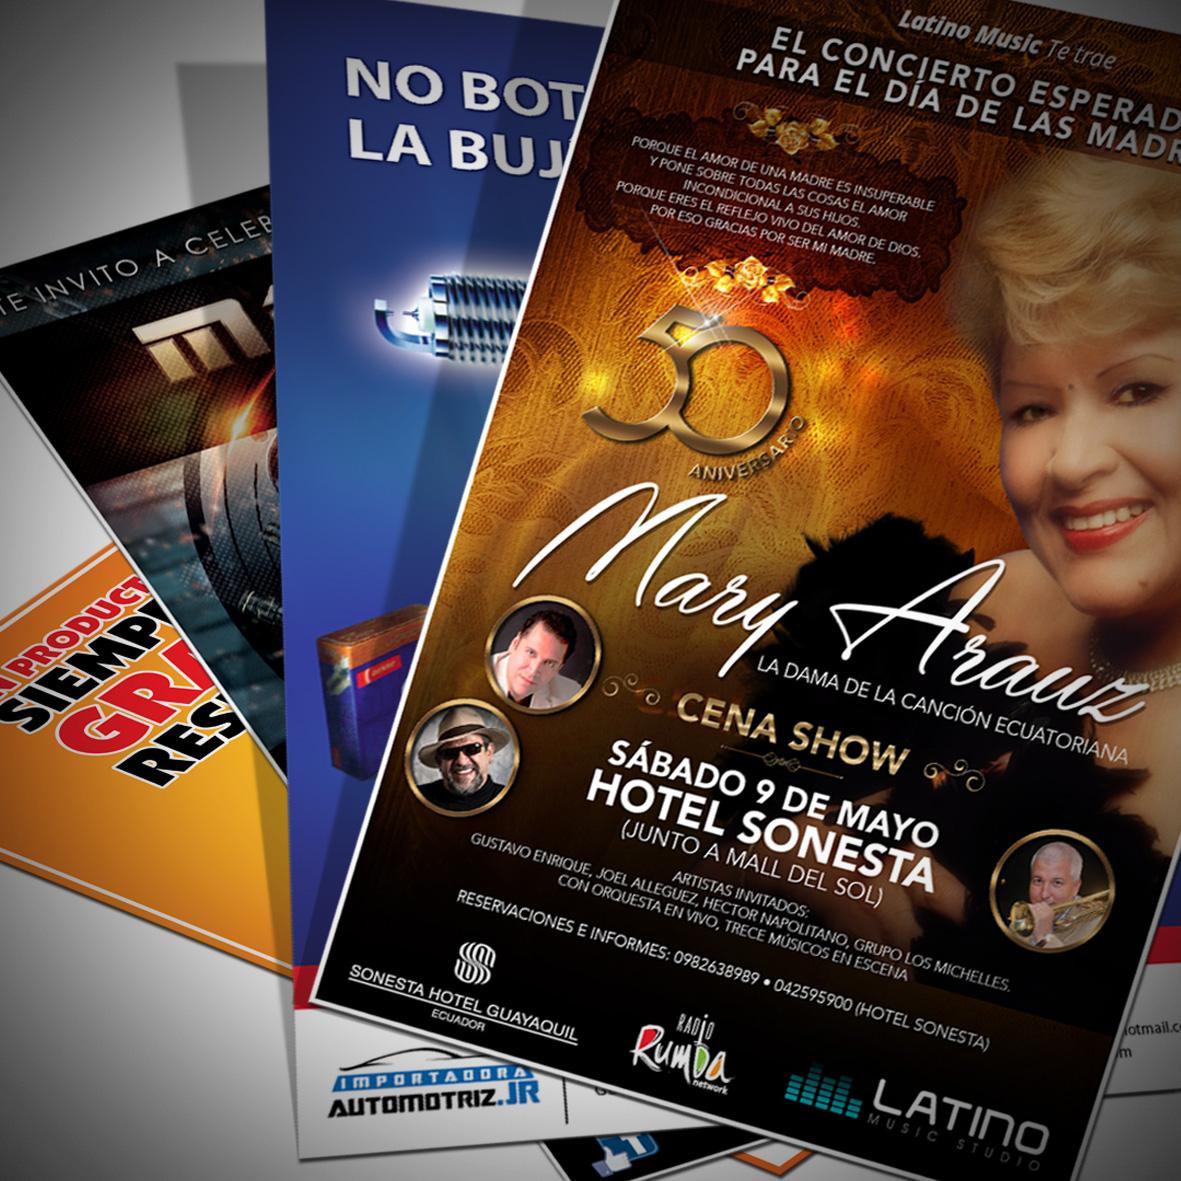 Afiches Publicitarios